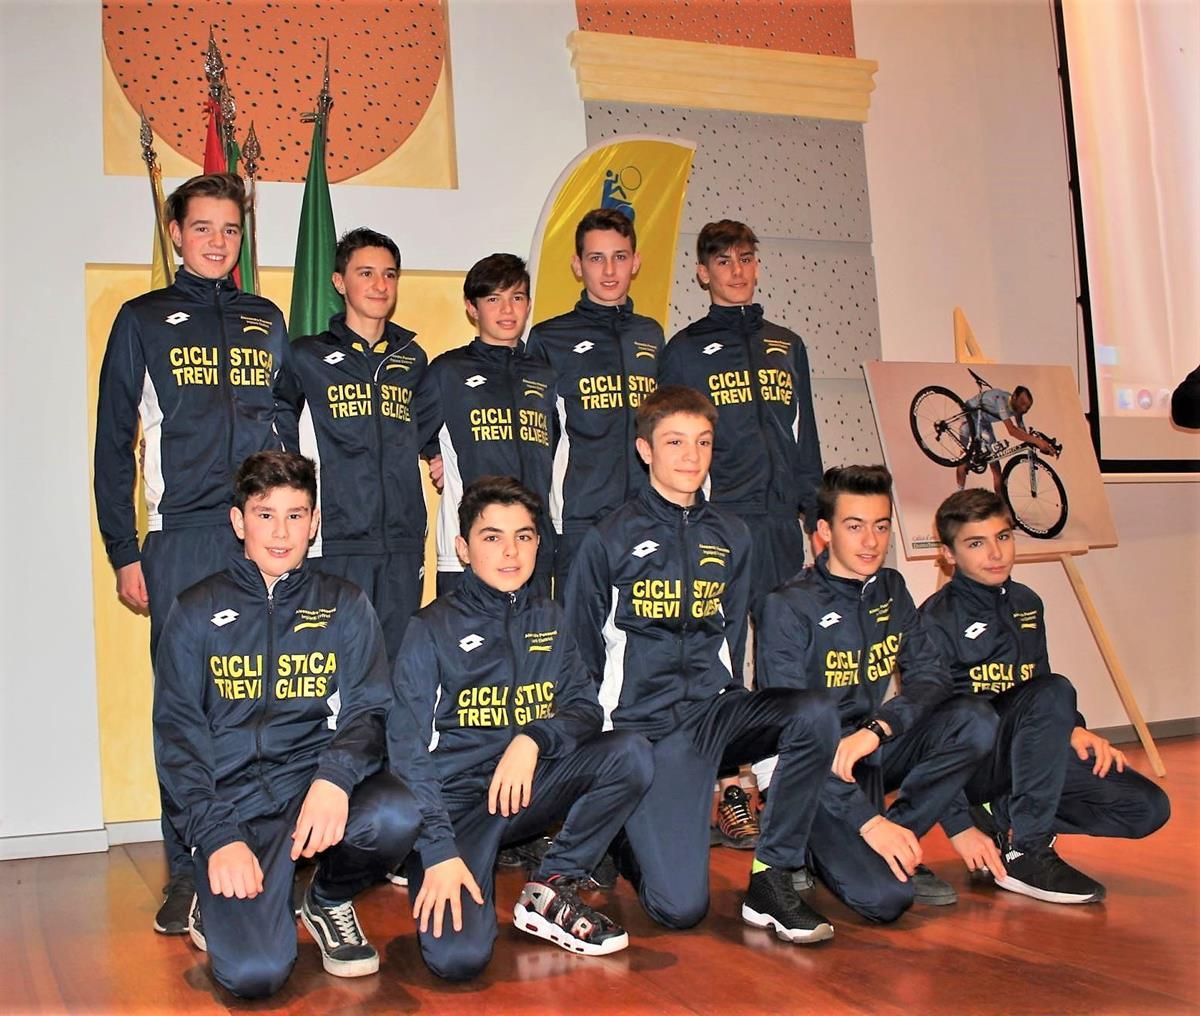 La squadra Allievi 2019 della Ciclistica Trevigliese